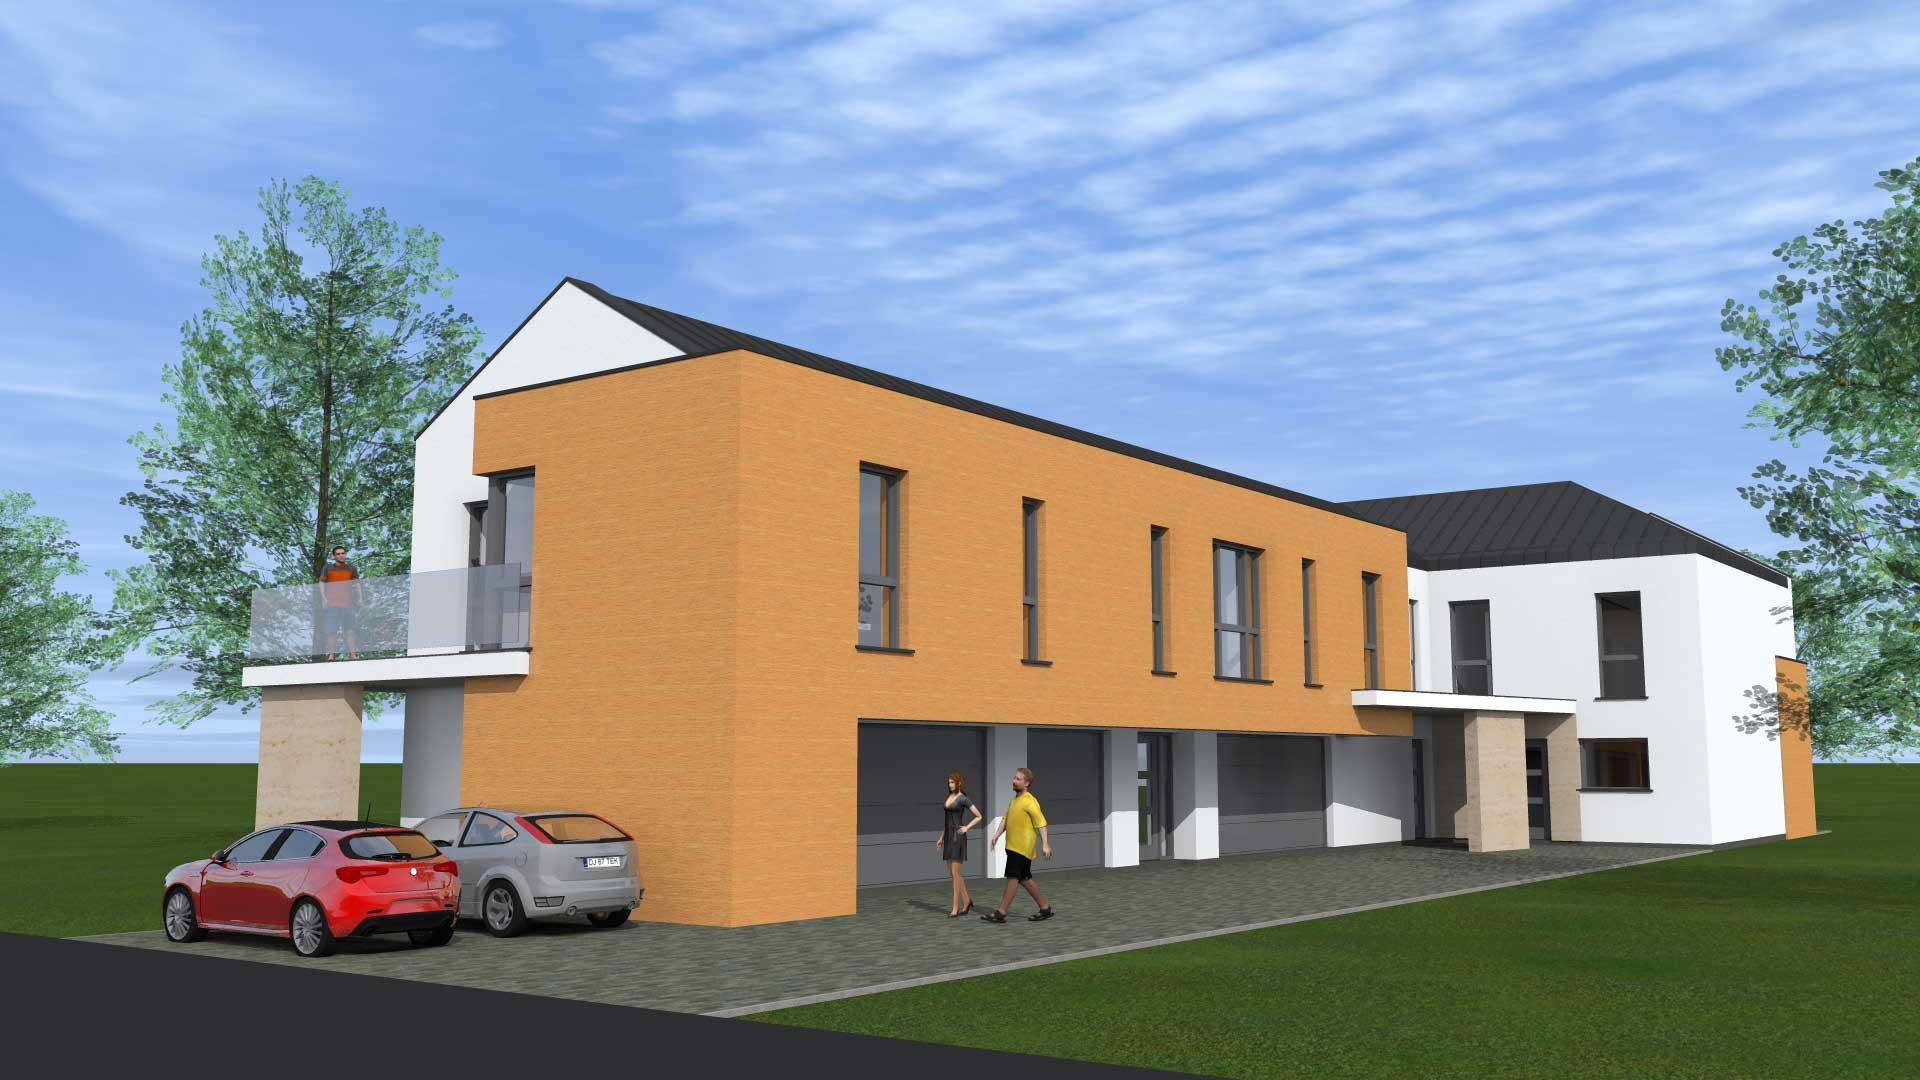 Építészmérnök lakótelep tervezésére